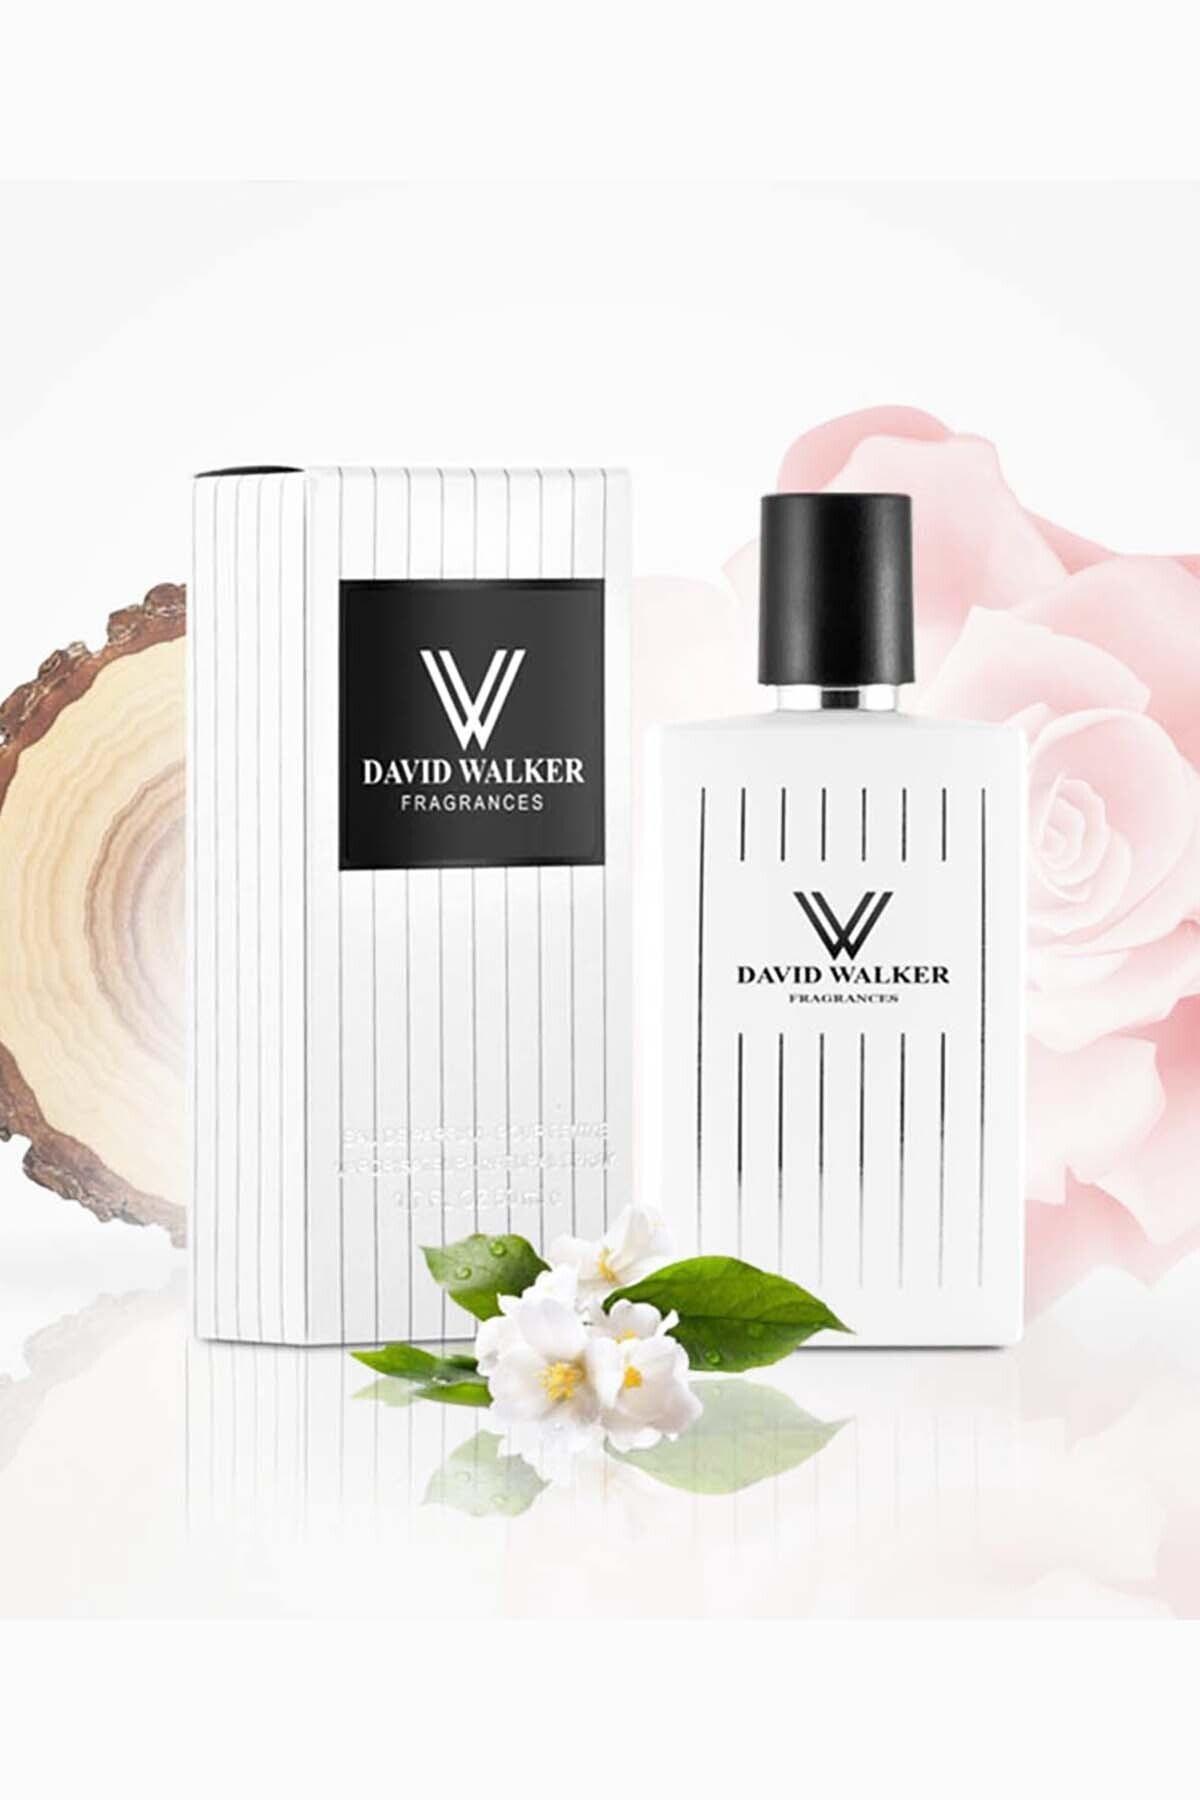 David Walker Meyve&çiçek Kadın Parfüm 50 ml 1